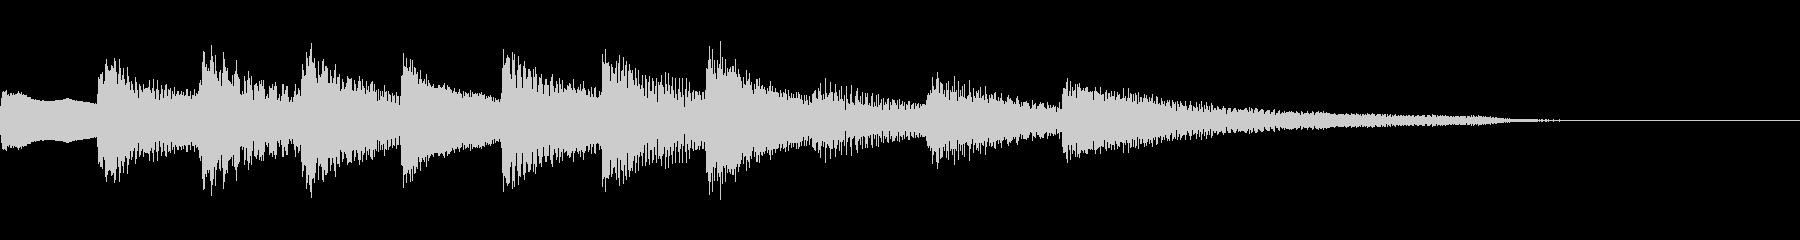 ゆったりとしたピアノのジングル17の未再生の波形